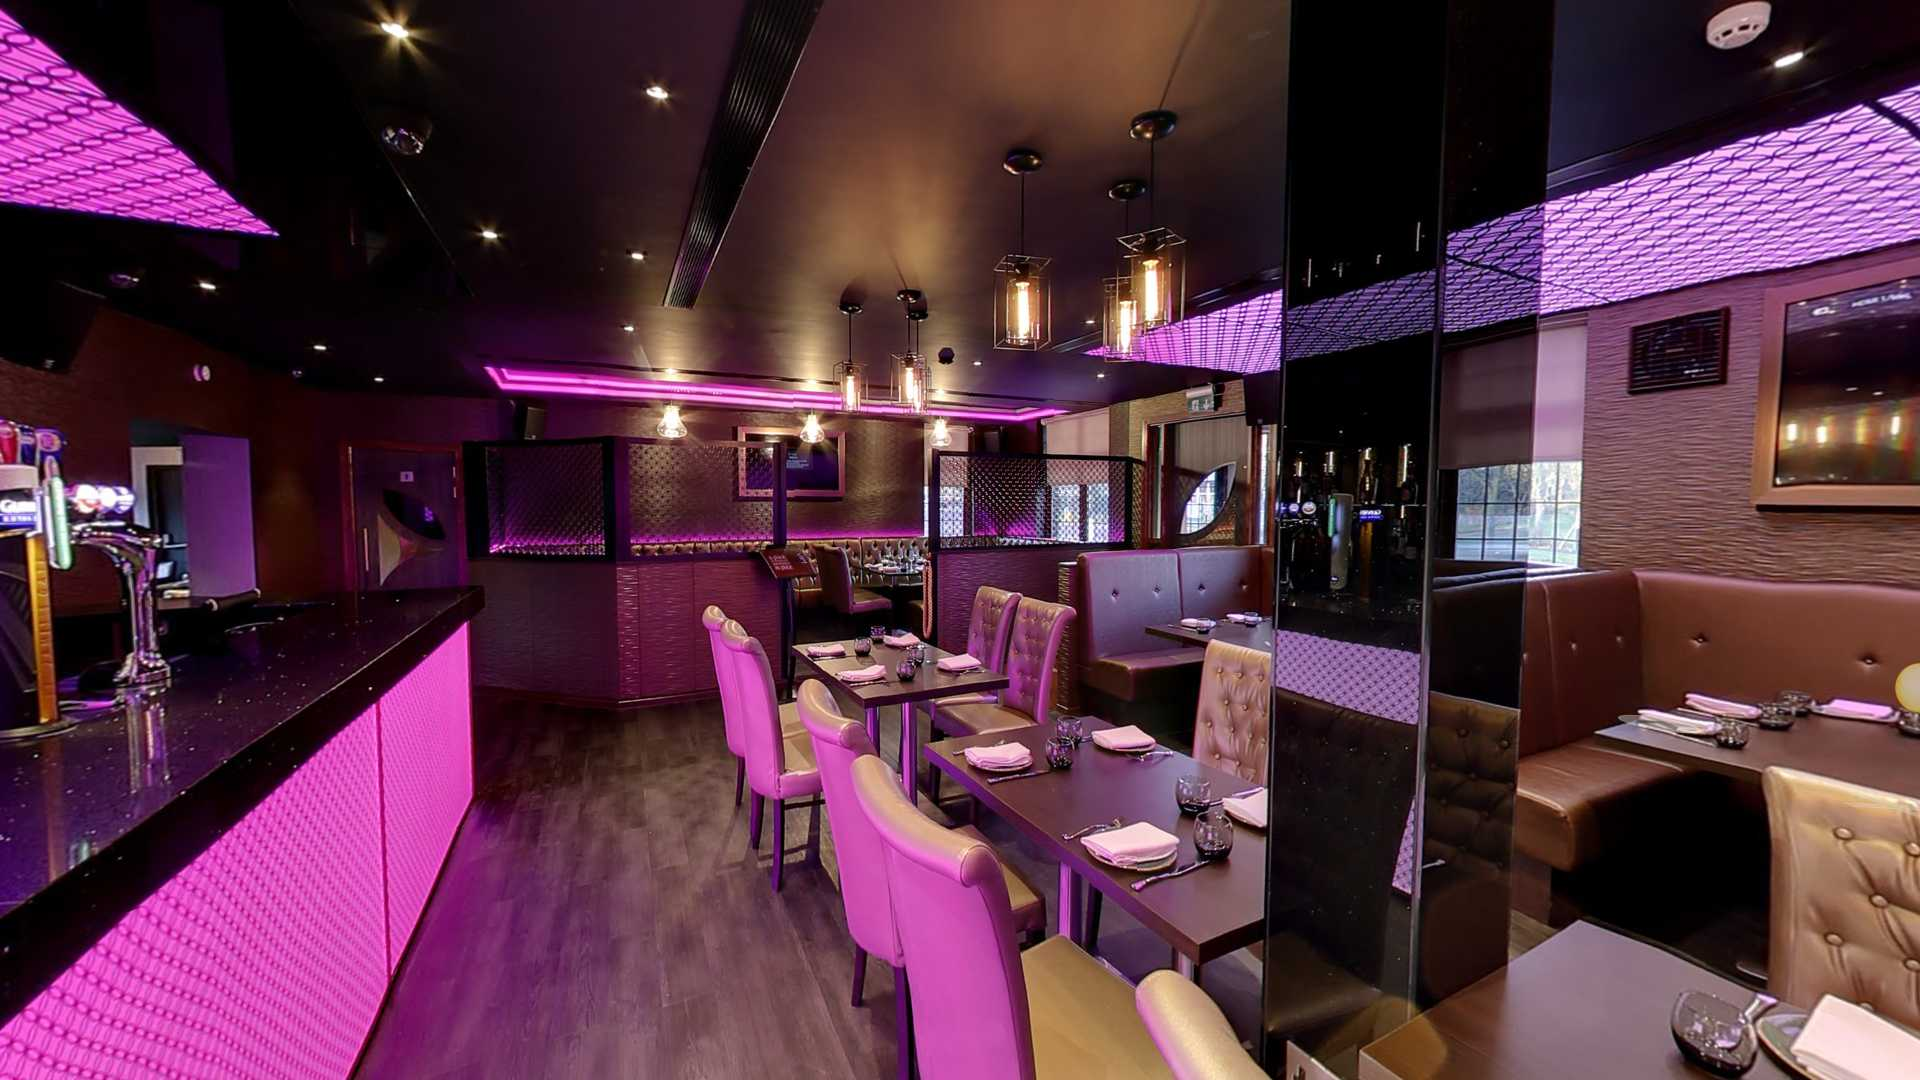 Copy of the Venue5 bar